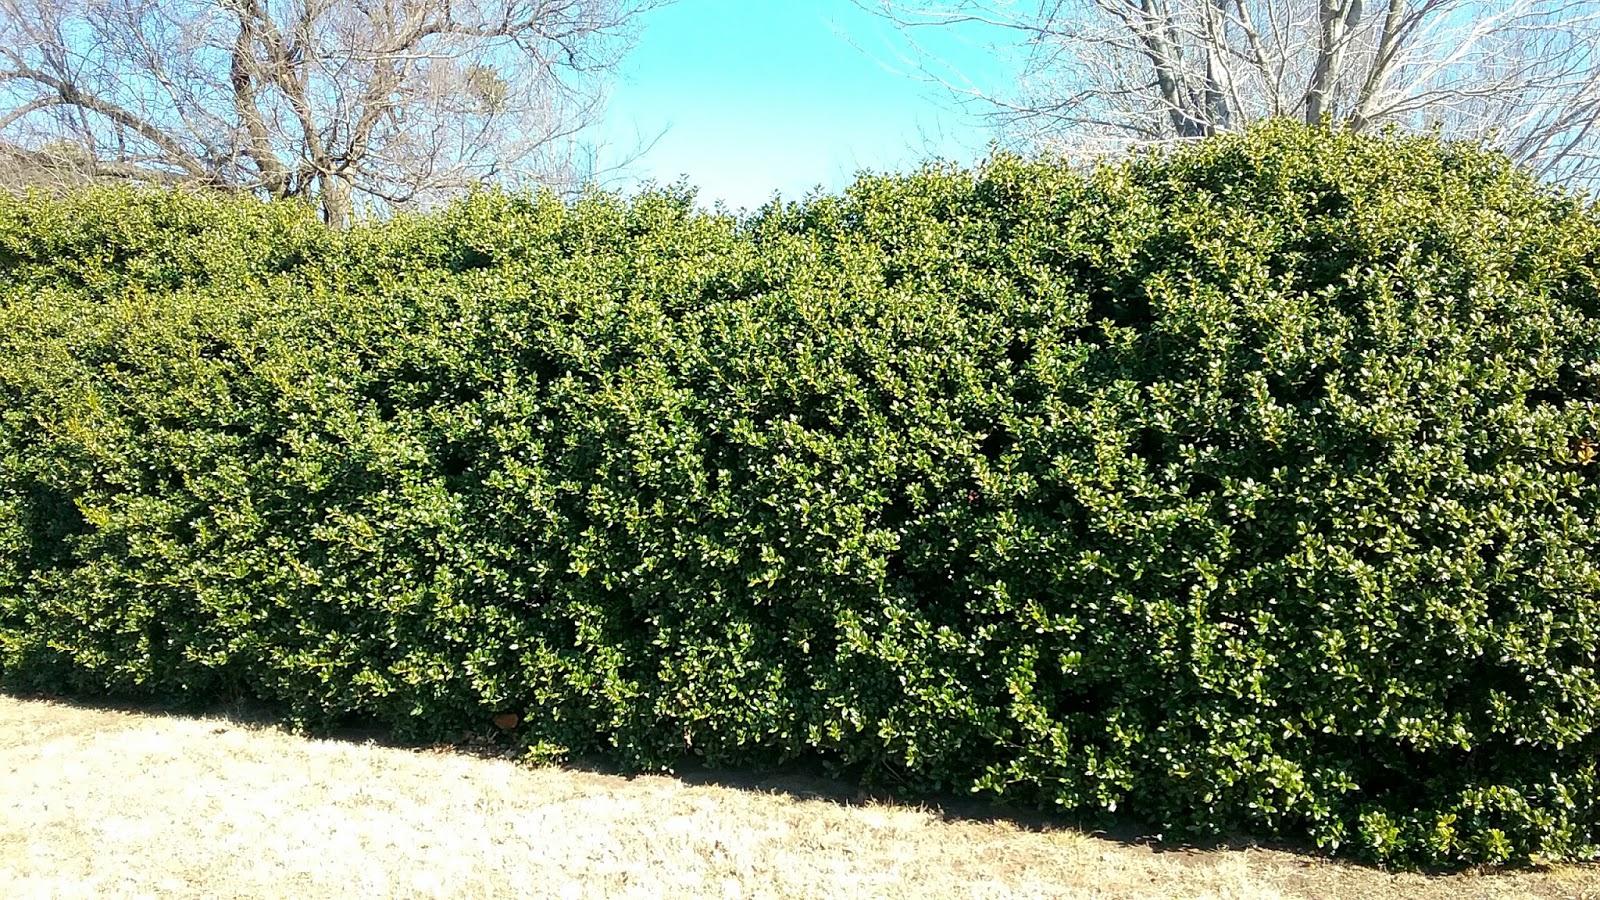 Camellia Japonica Roger Hall shrubs prune and rejuvenate